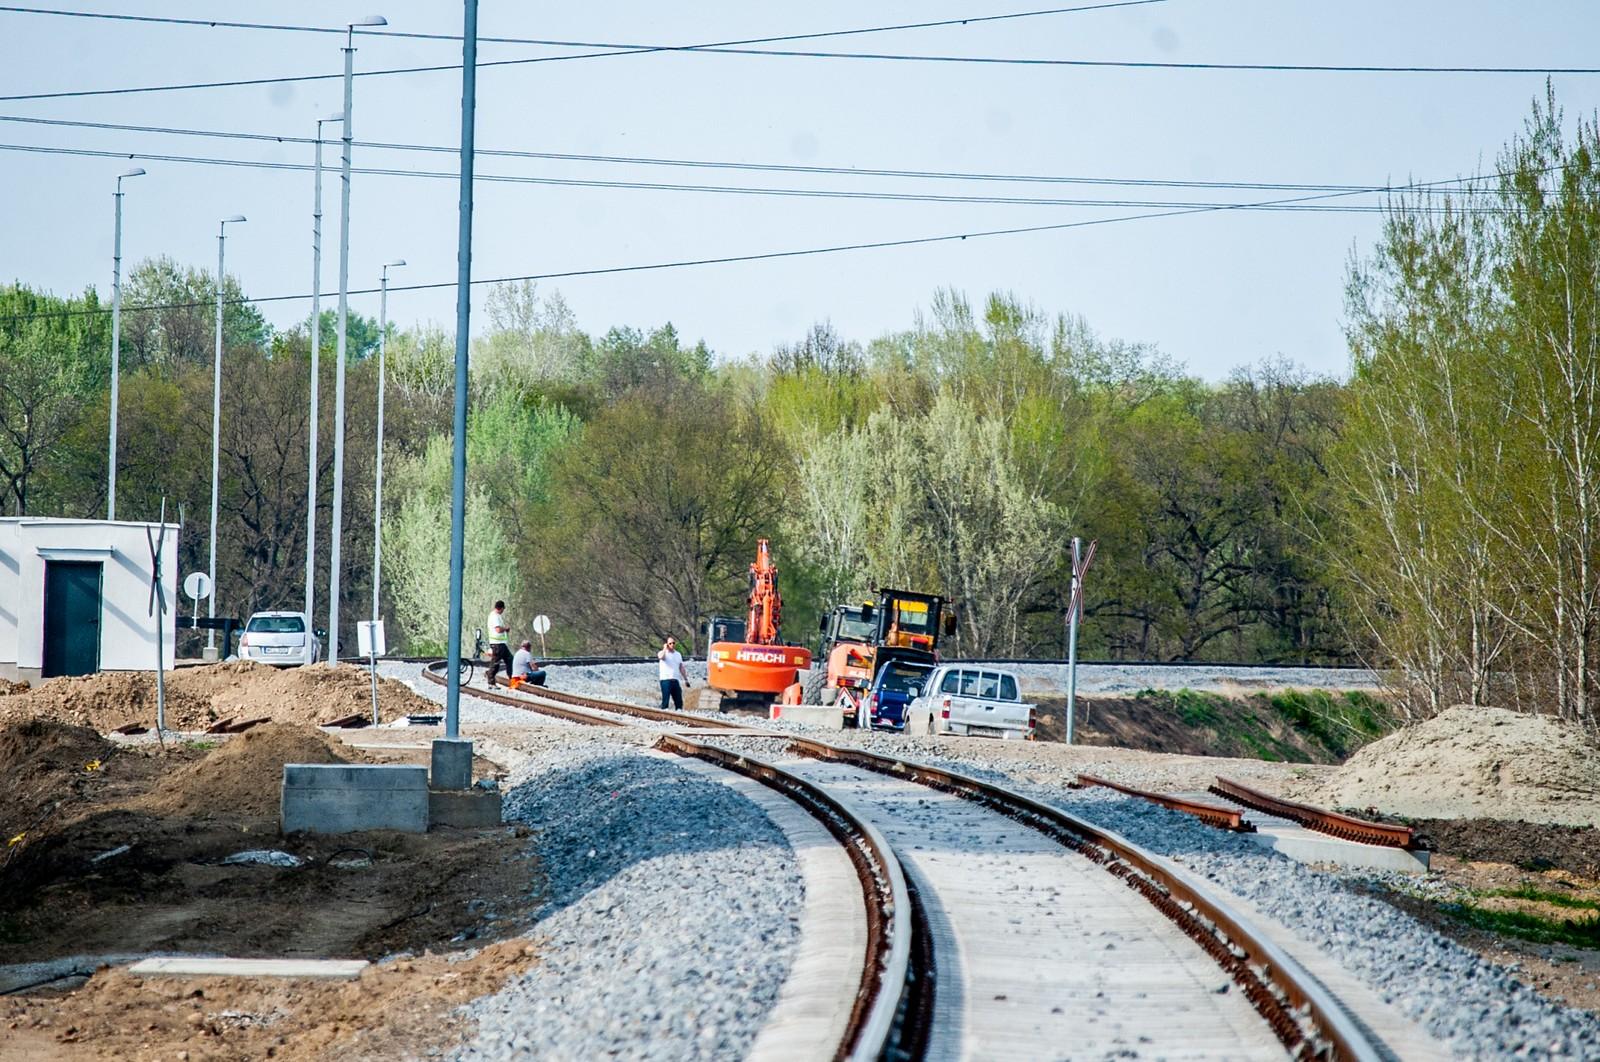 Felszedik a tram-train már lefektetett használt sínjeit, mert kiderült, hogy mégsem elég jók